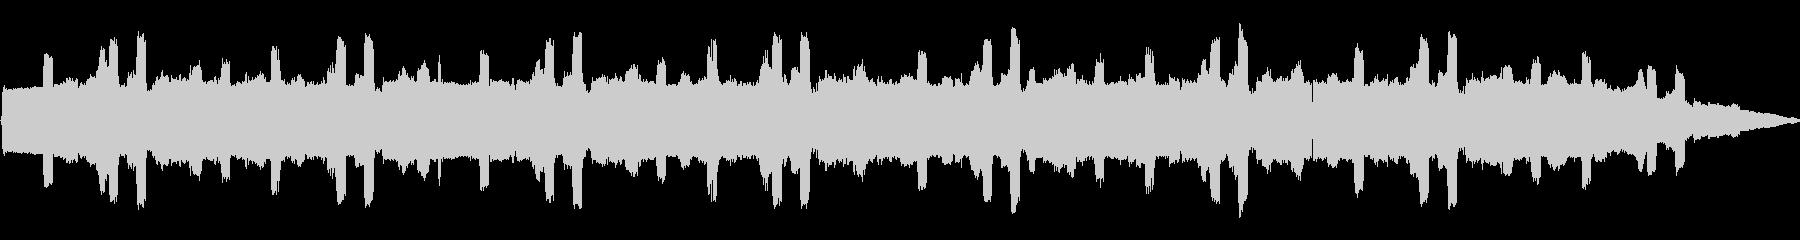 空間内アラーム; DIGIFFEC...の未再生の波形